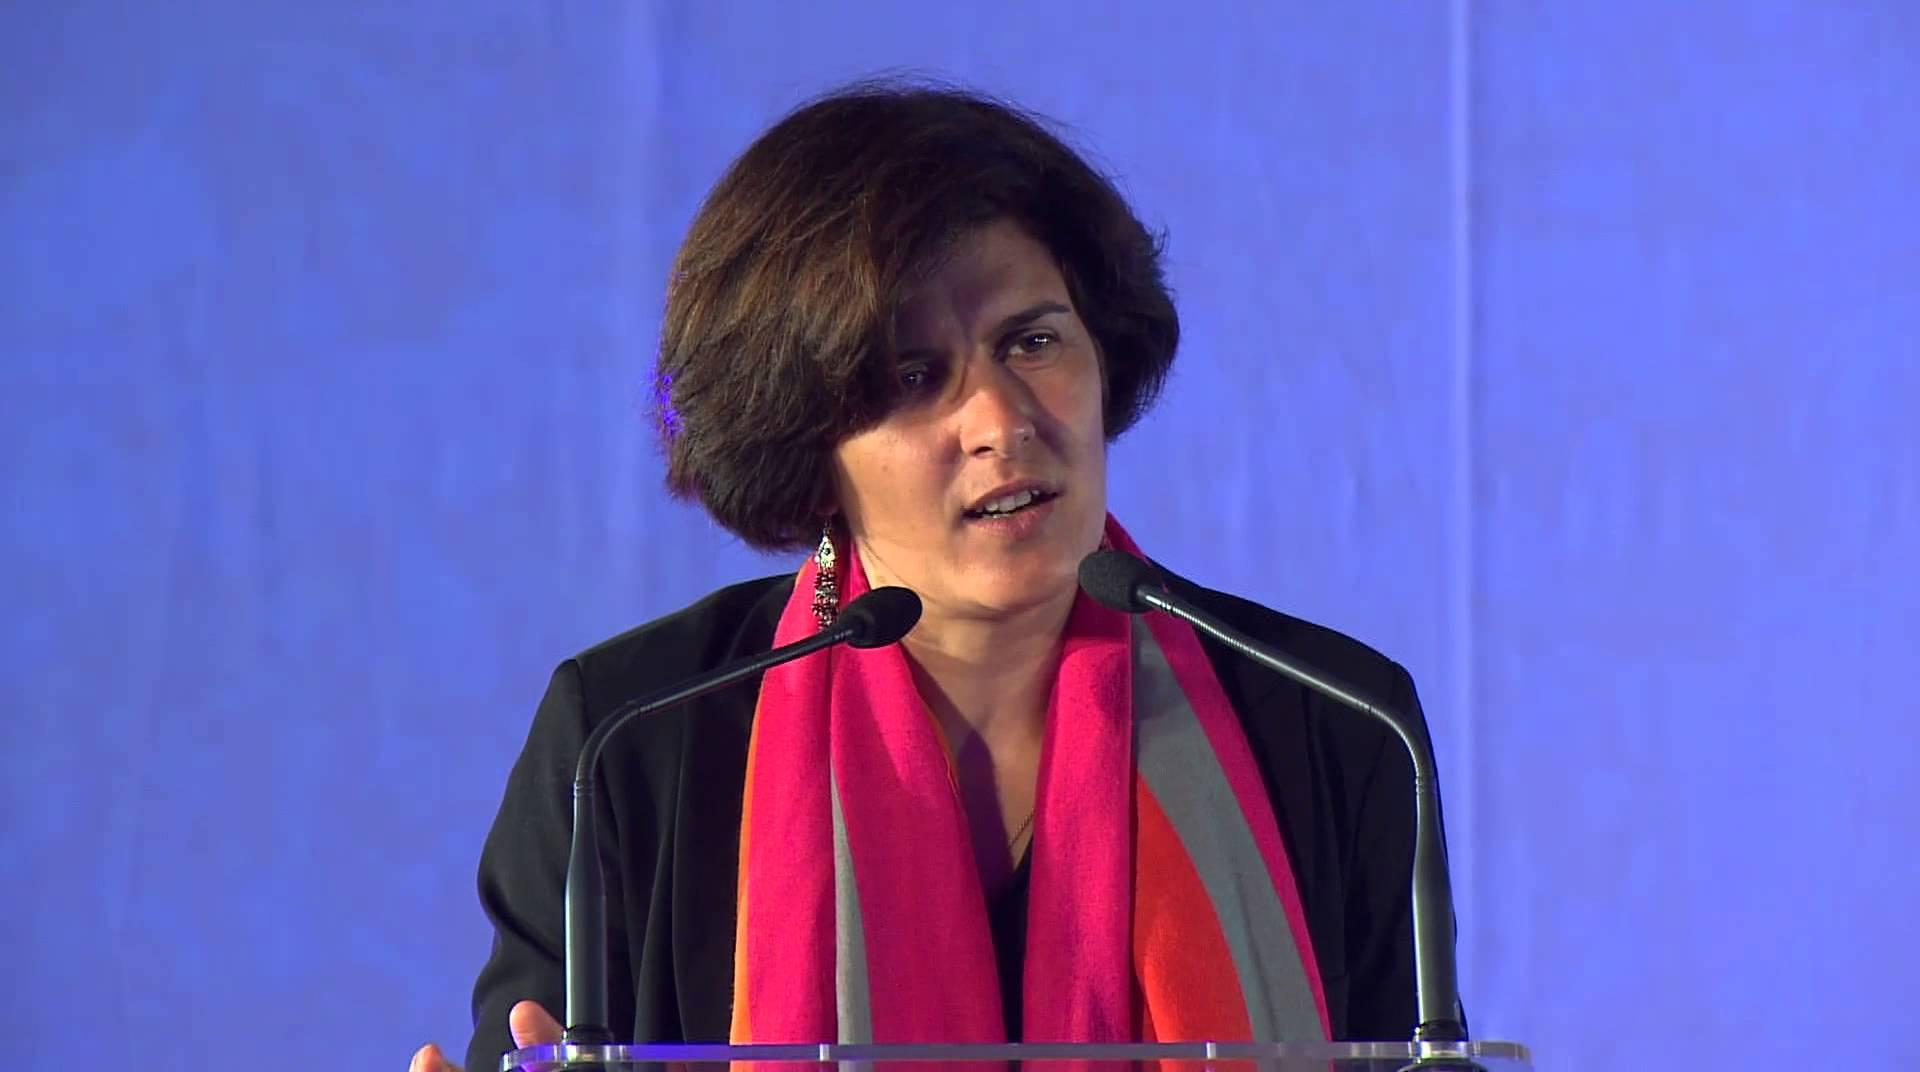 Toulon – Conférence d'Anne Coffinier le vendredi 27 janvier